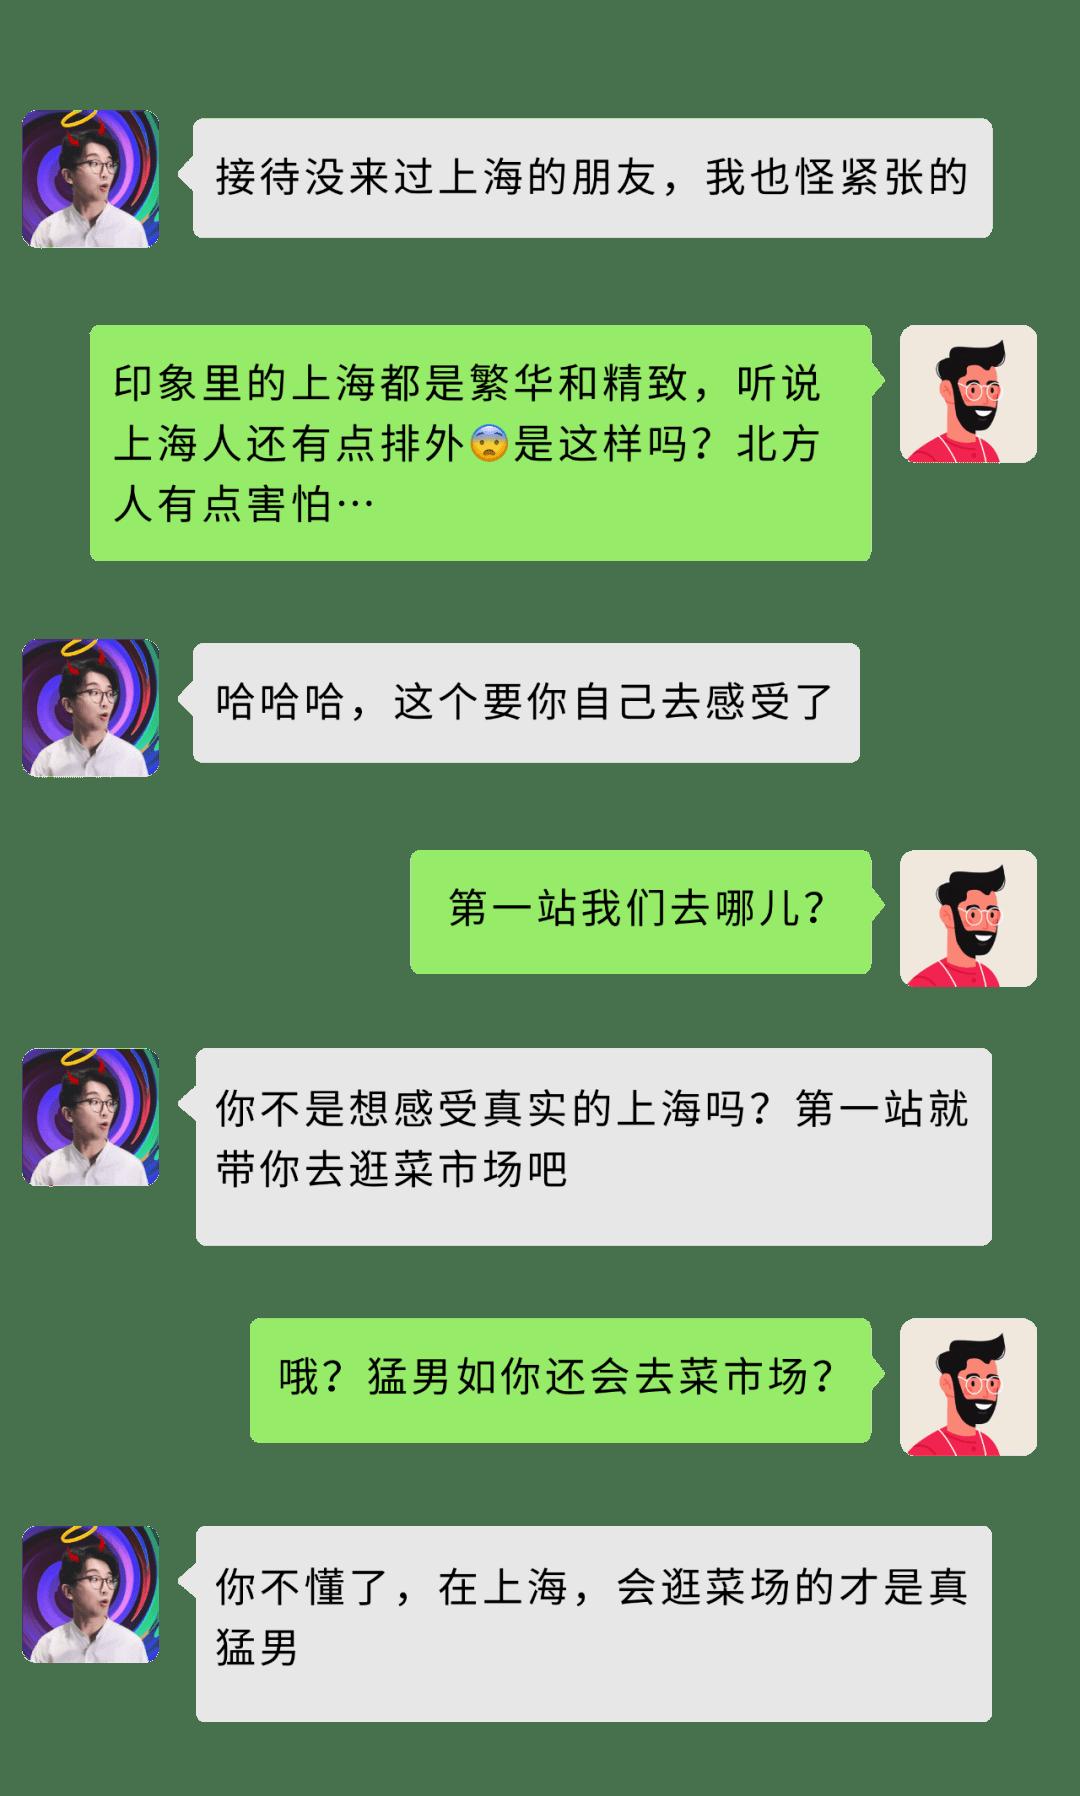 在上海,如何假装自己不是外地人